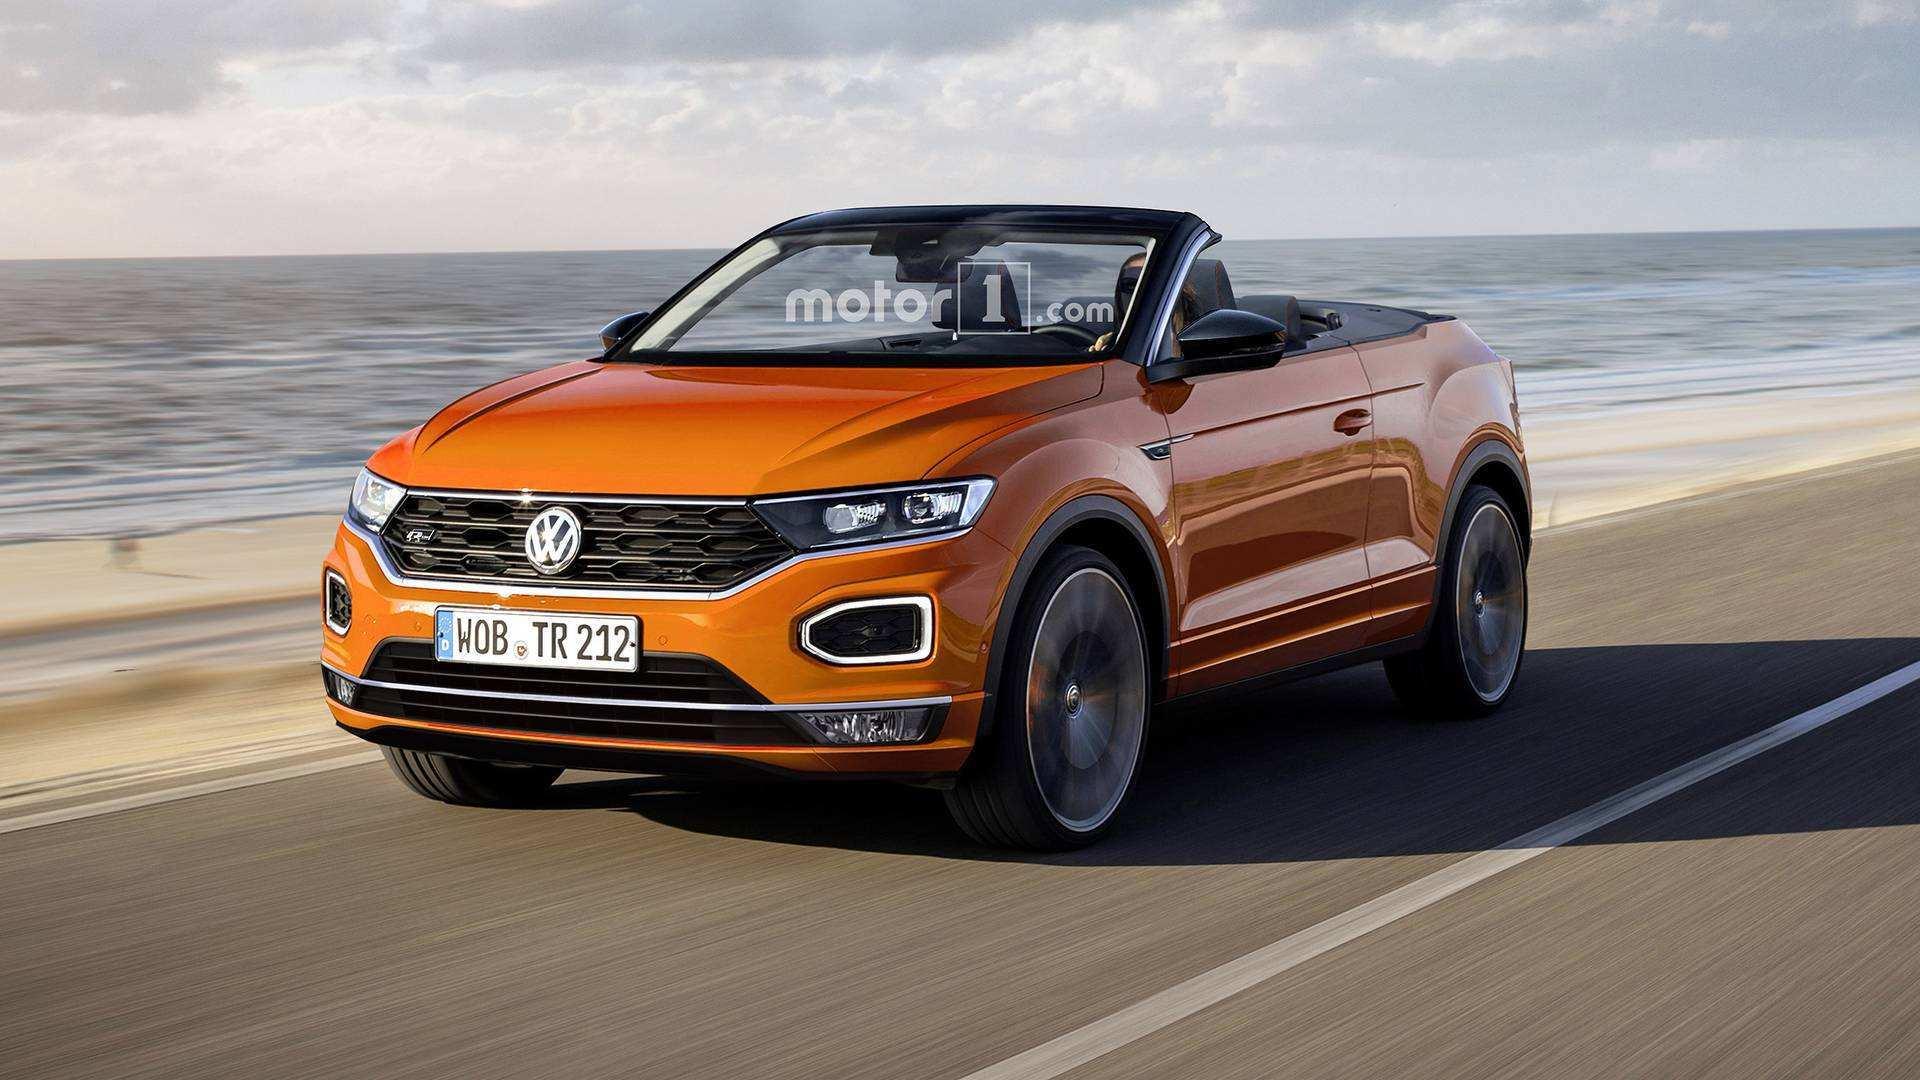 74 Best Review 2020 Volkswagen Lineup Configurations for 2020 Volkswagen Lineup